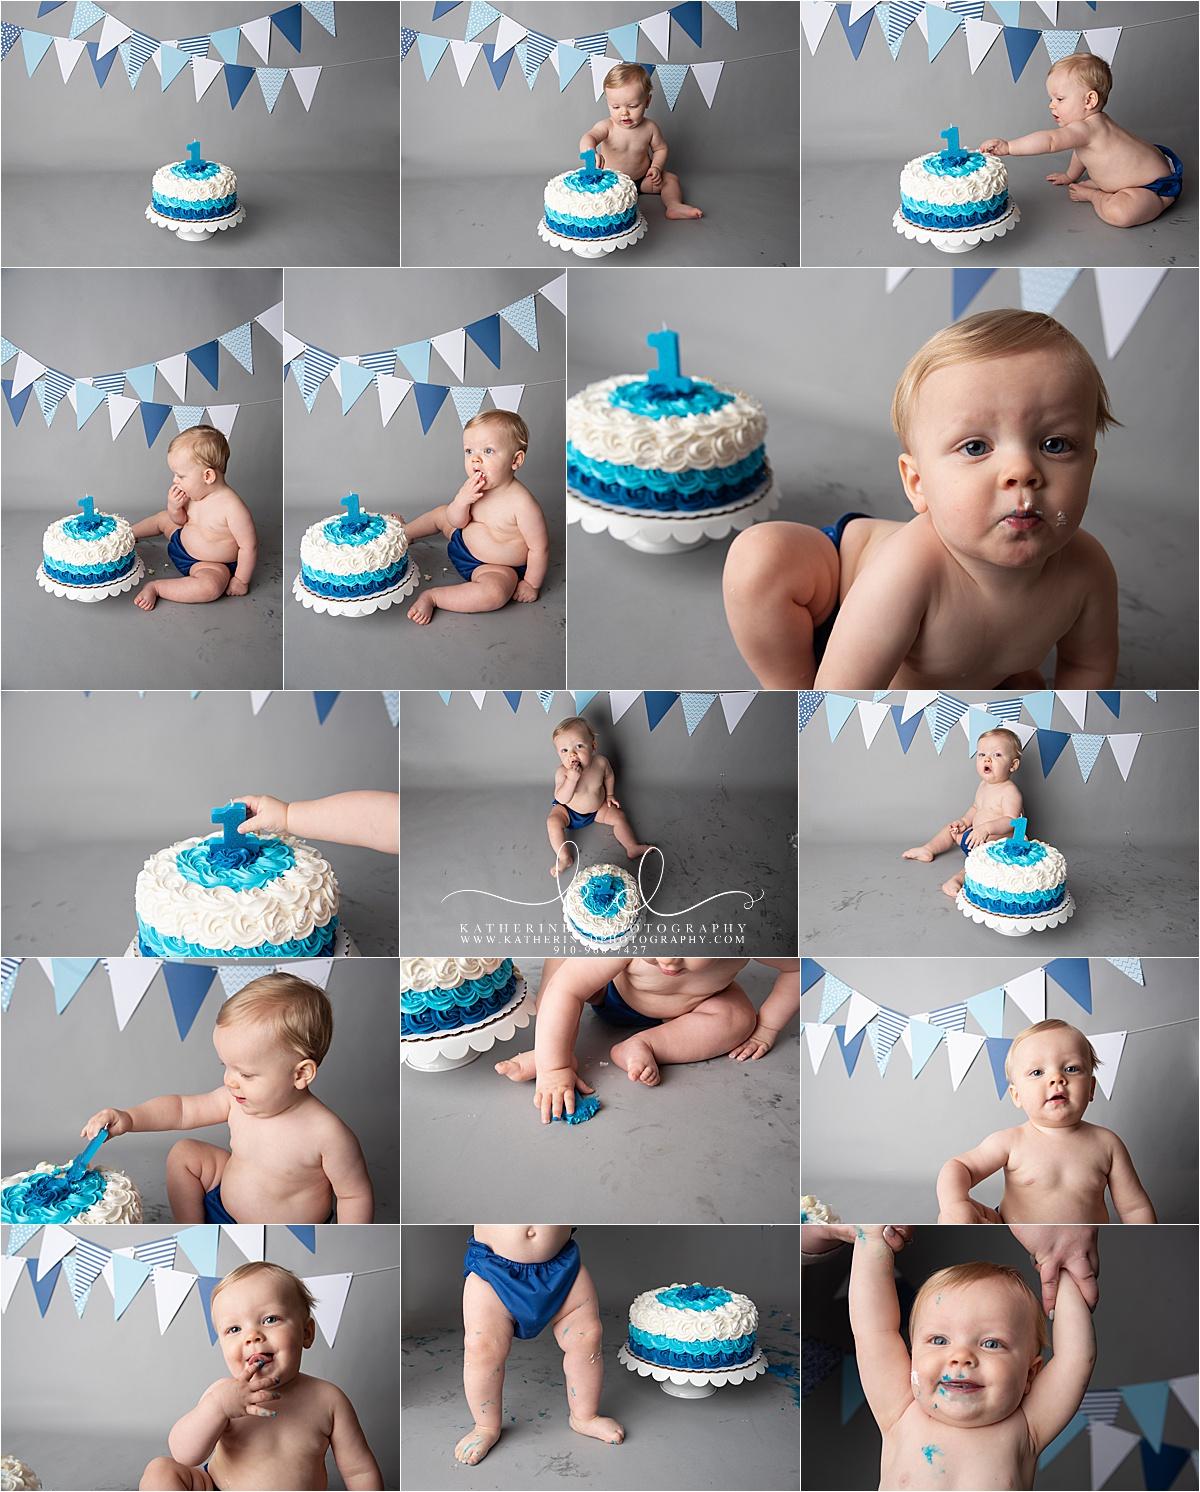 Fayetteville NC Cake Smash Photography